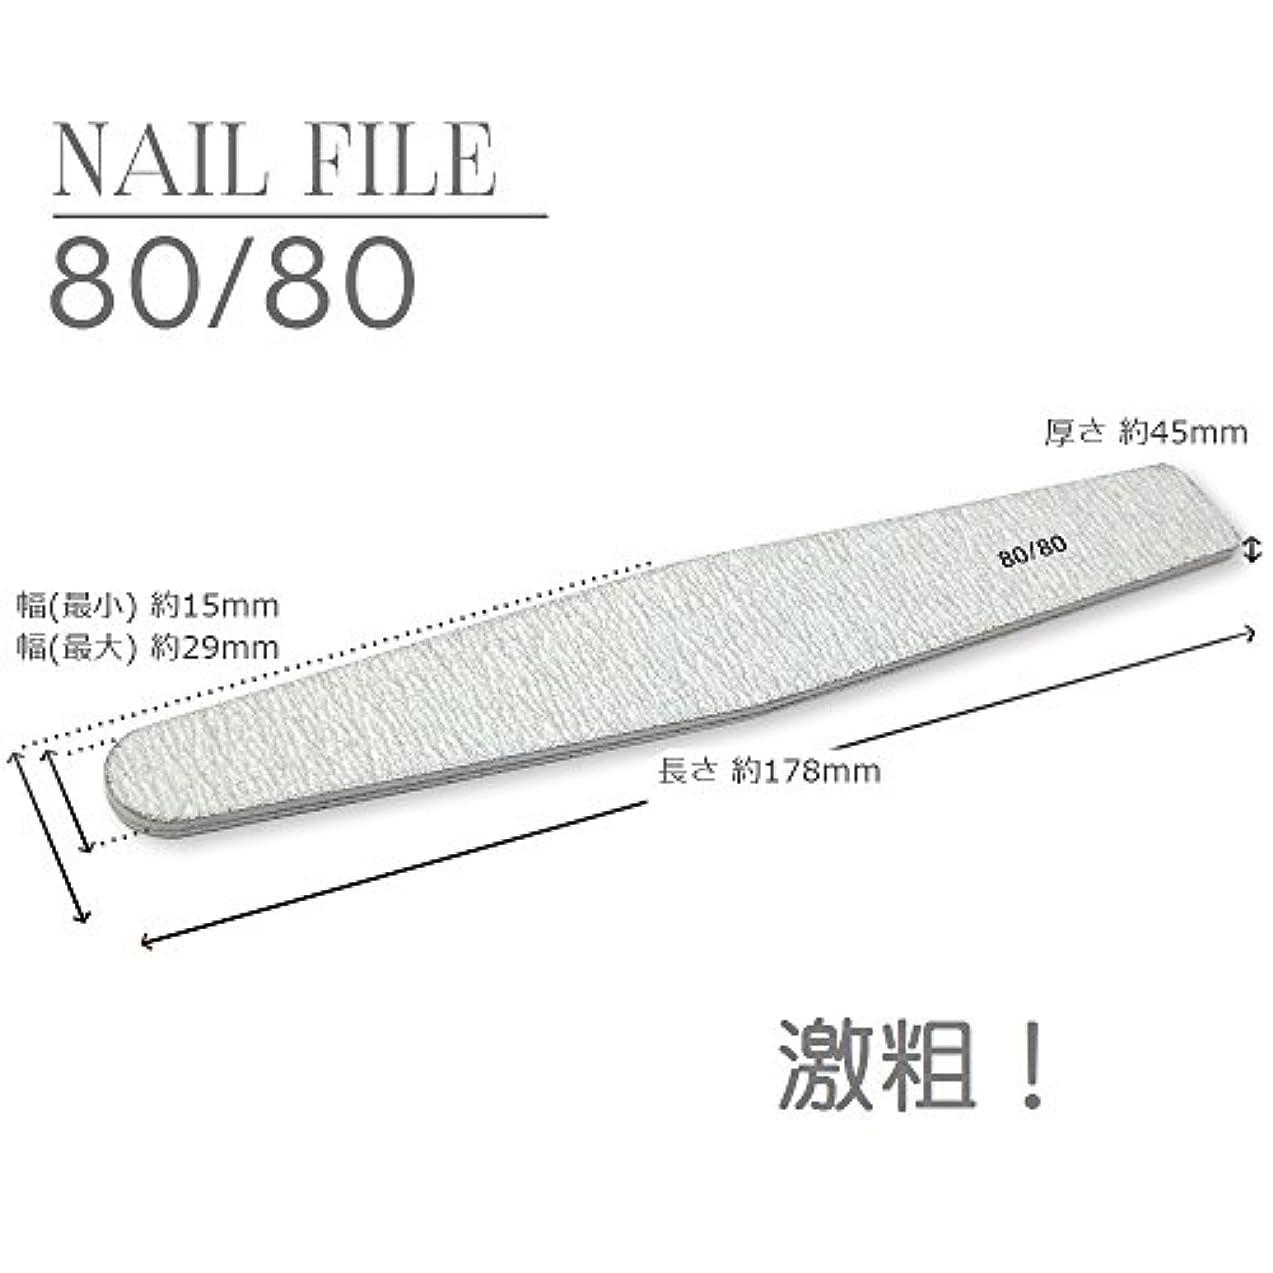 実際スナッチ小さいネイルファイル【80/80】激粗 1本 ★ガリガリ削れます!